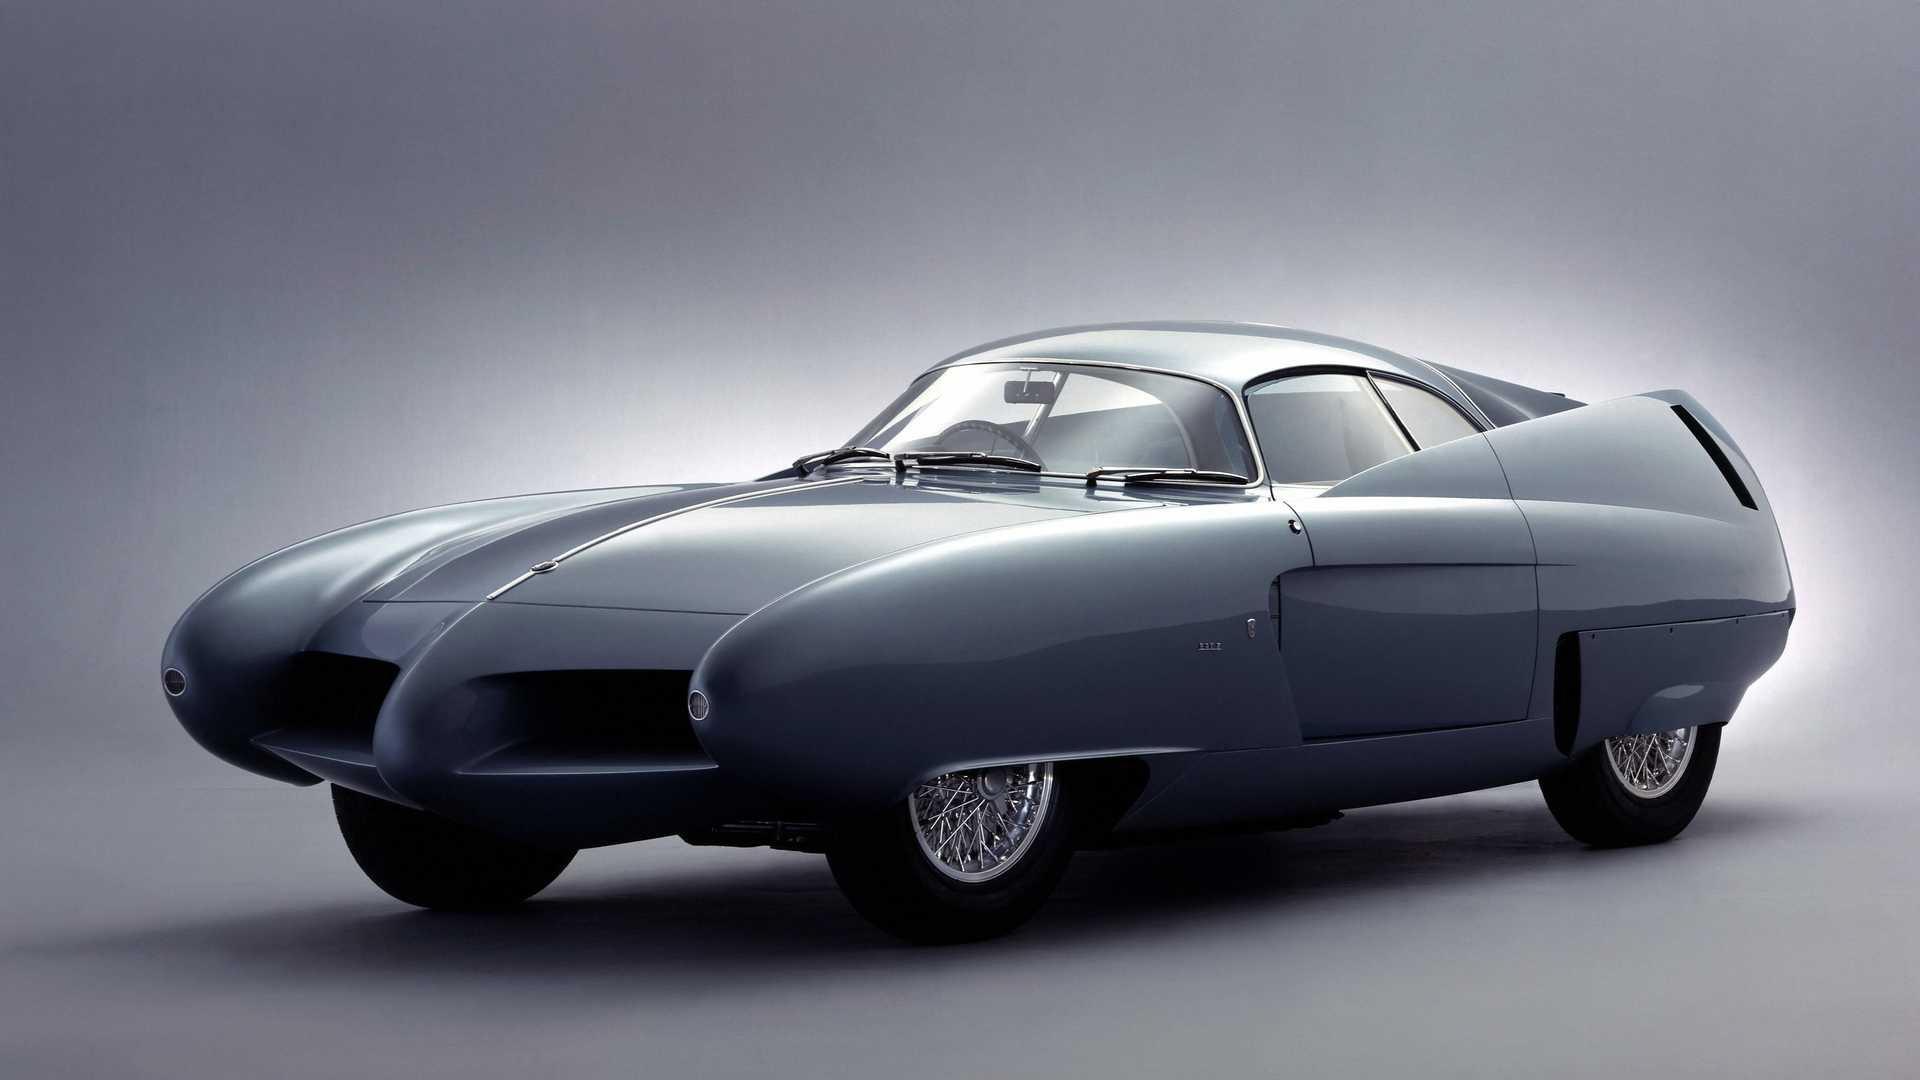 Alfa Romeo B.A.T. 7 concept by Franco Scaglione/Bertone